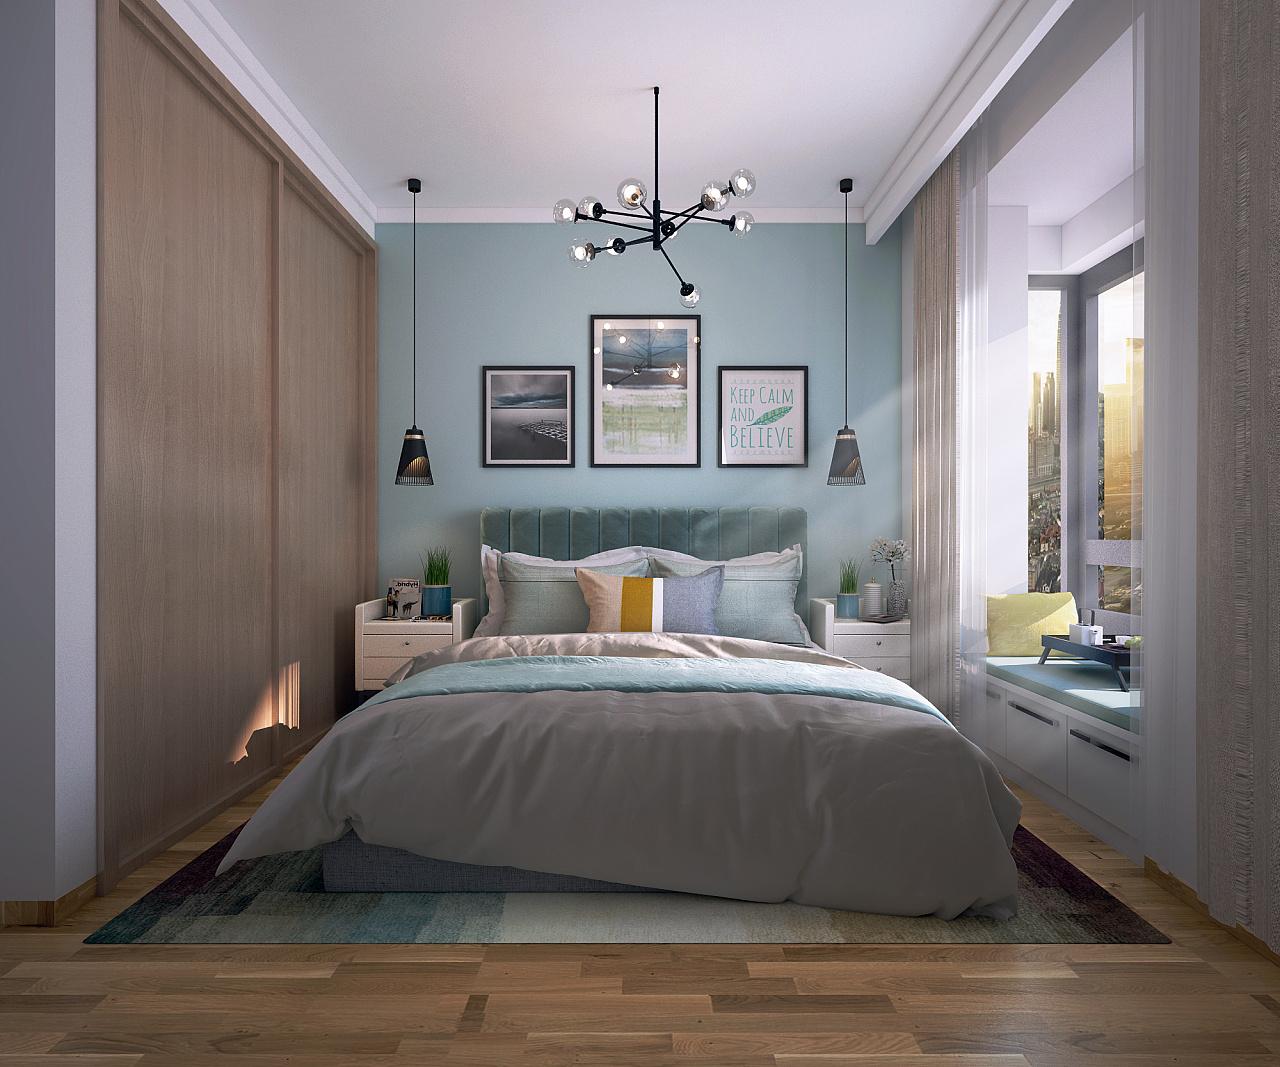 云南海伦空间北欧效果图 先生 室内设计 沐沐丶最新鞋柜装修设计图图片